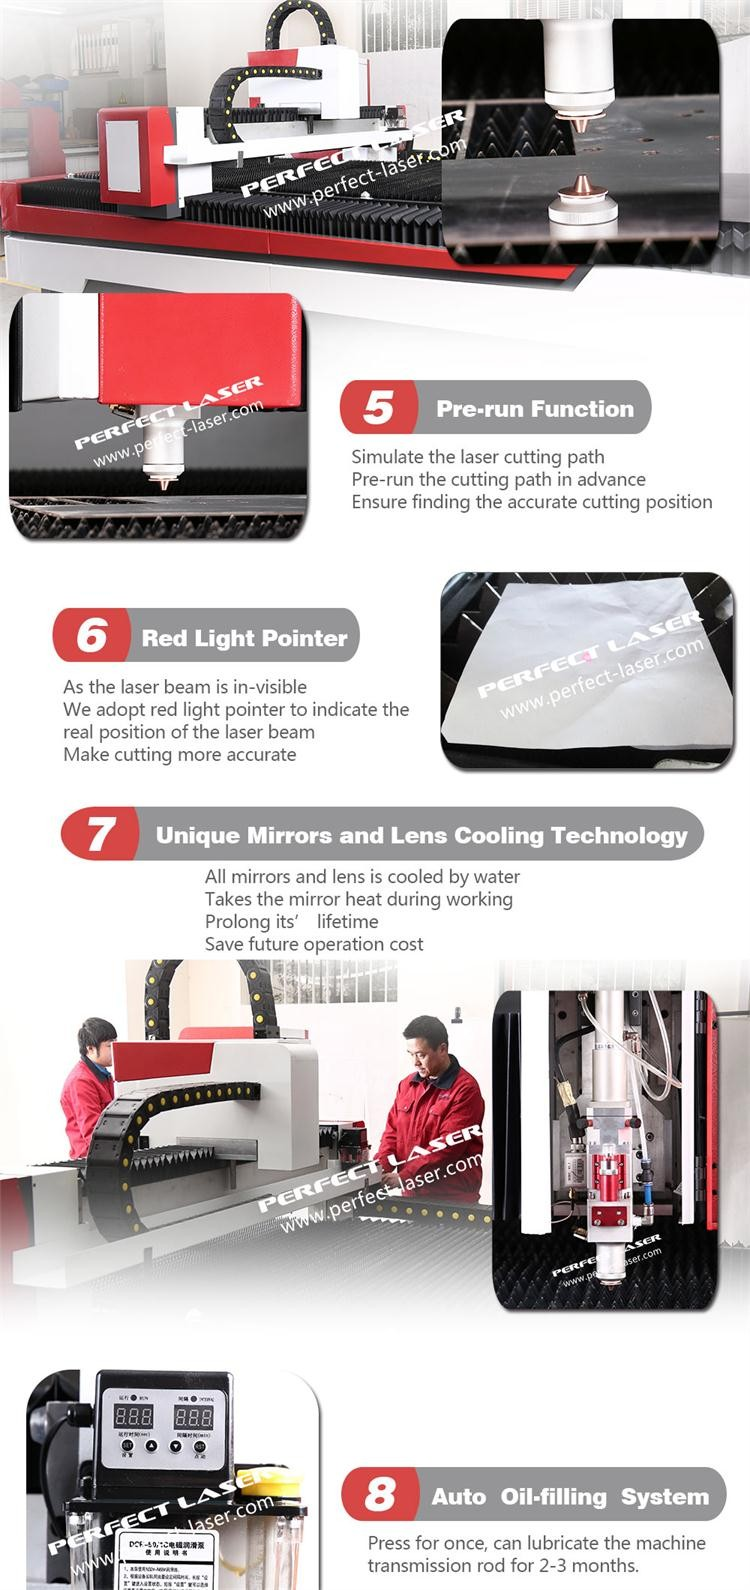 06 Perfect Laser-Fiber Laser Cutting Machine PE-F3013 PE-F3015.jpg